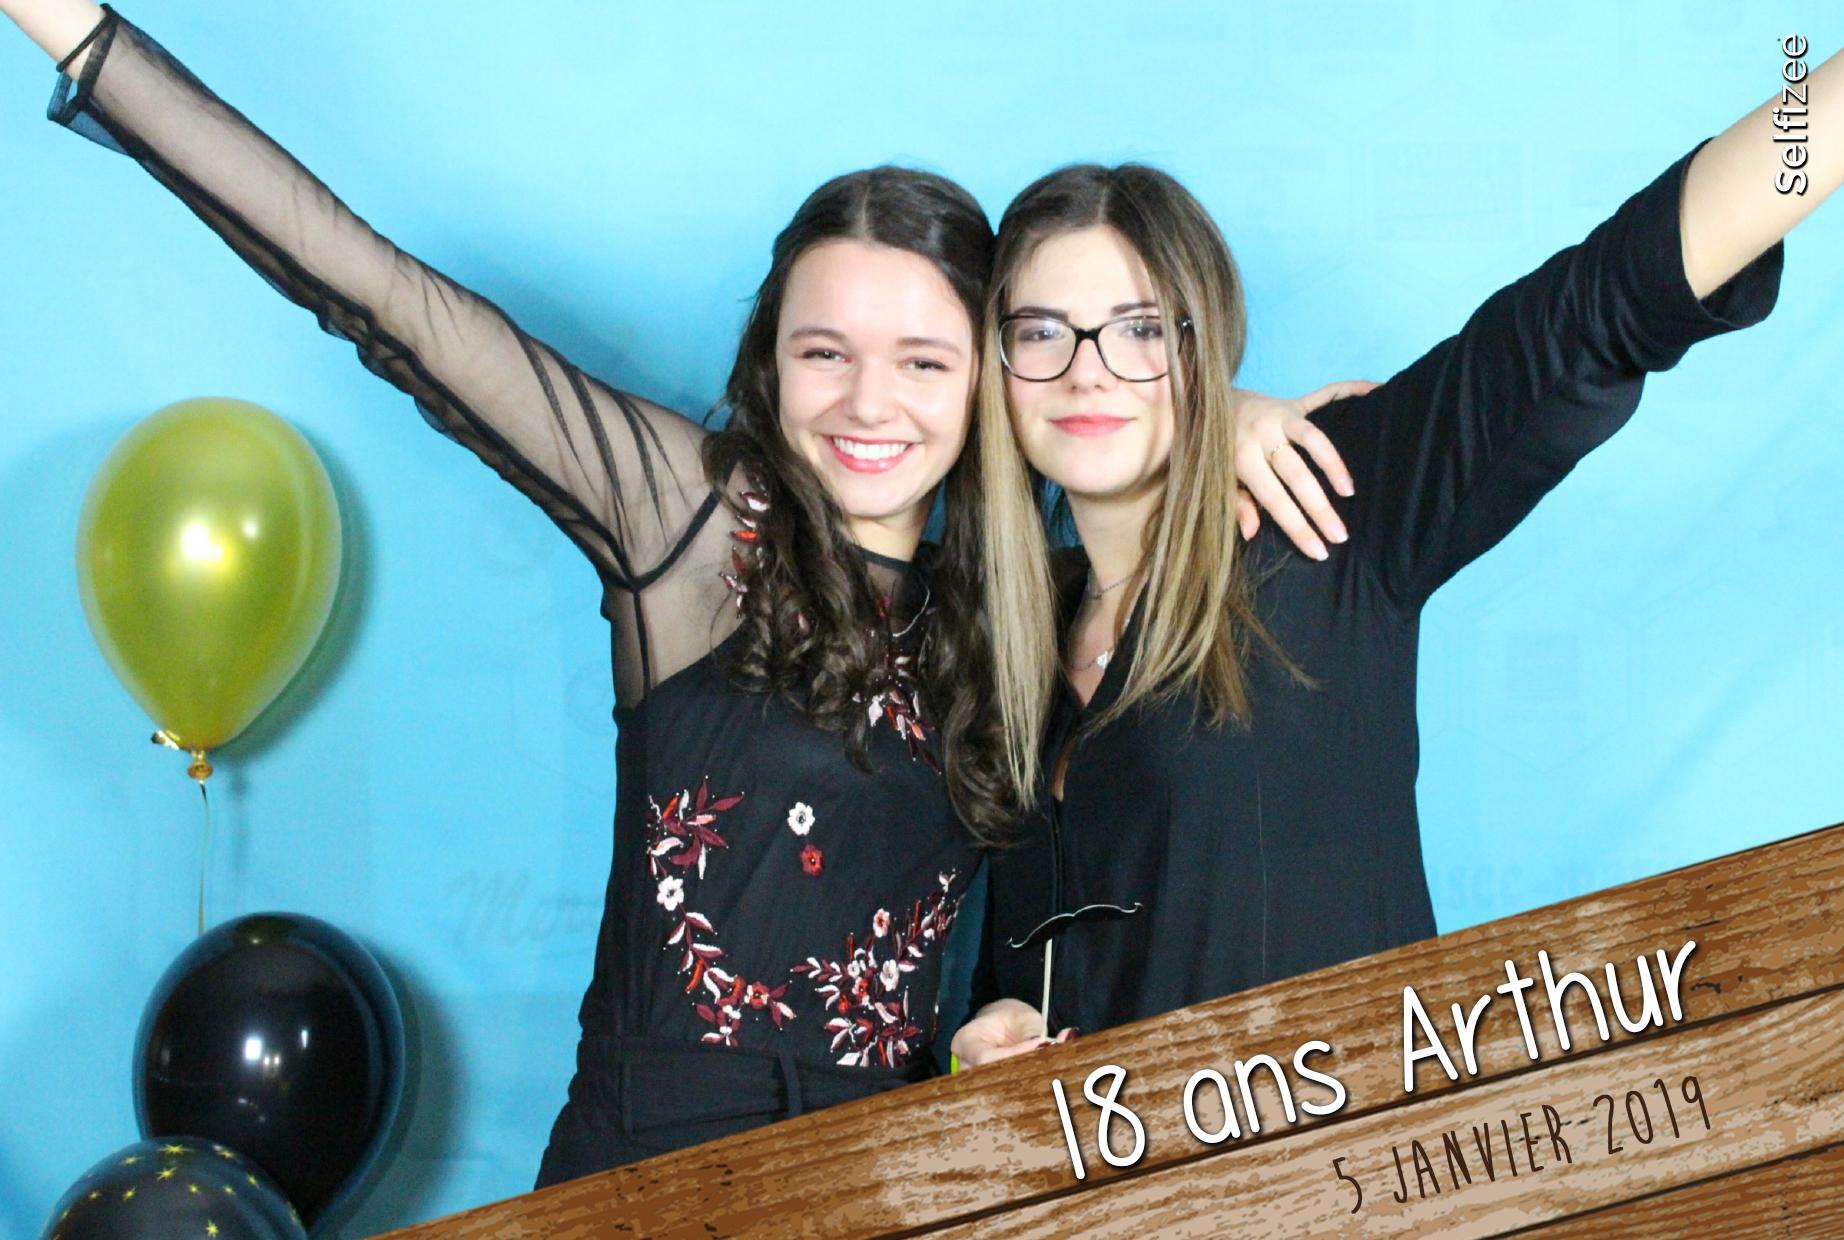 Animation photo anniversaire personnalisée avec photobooth connecté - borne photo à louer anniversaire Strasbourg / Bas Rhin avec impressions selfies